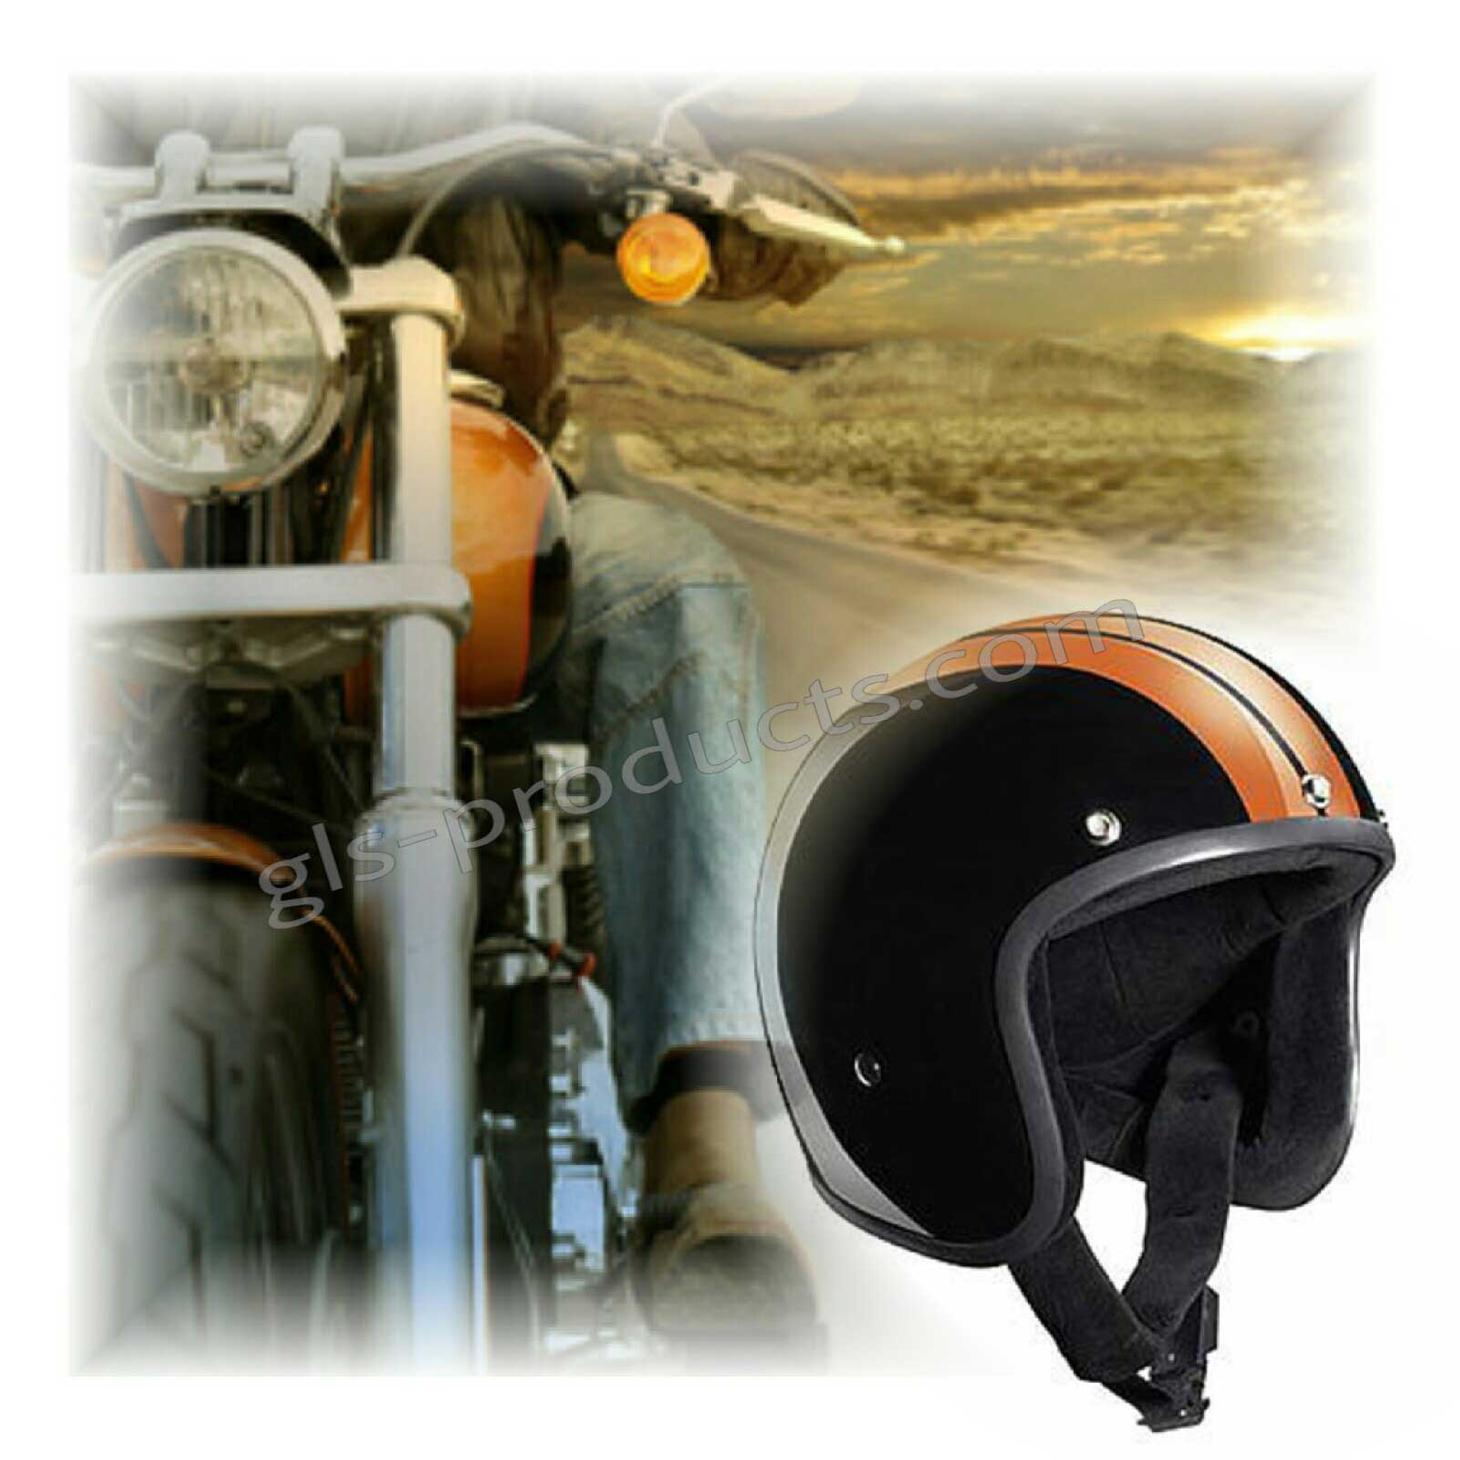 Bandit Race Jet Helmet - Classic Motorcycle Helmet – Picture 9